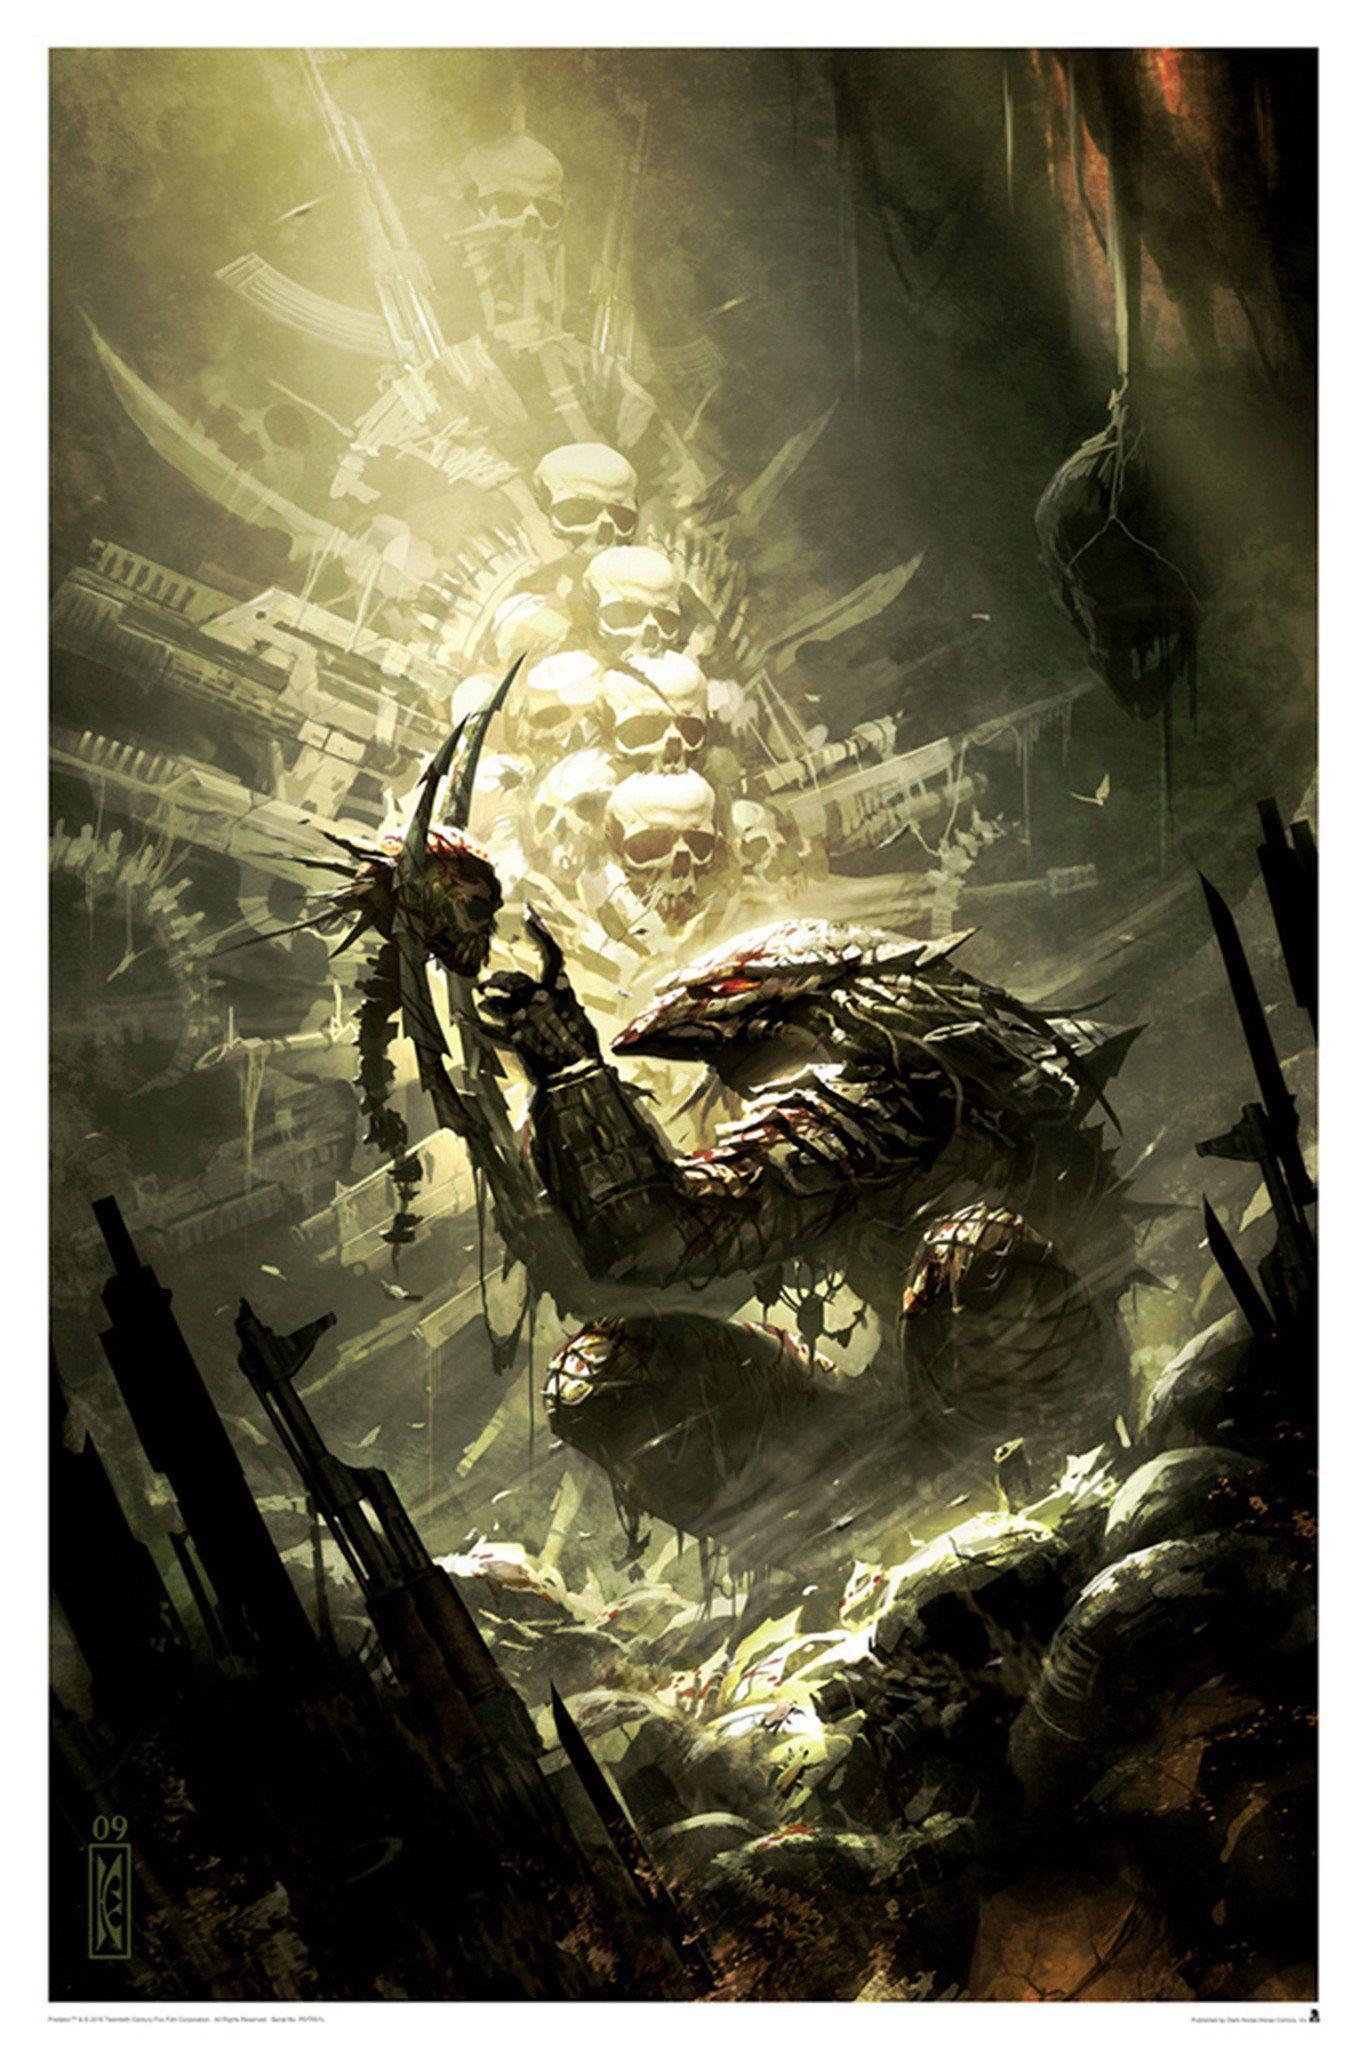 不止打异形:铁血战士的故事比你知道的更丰富